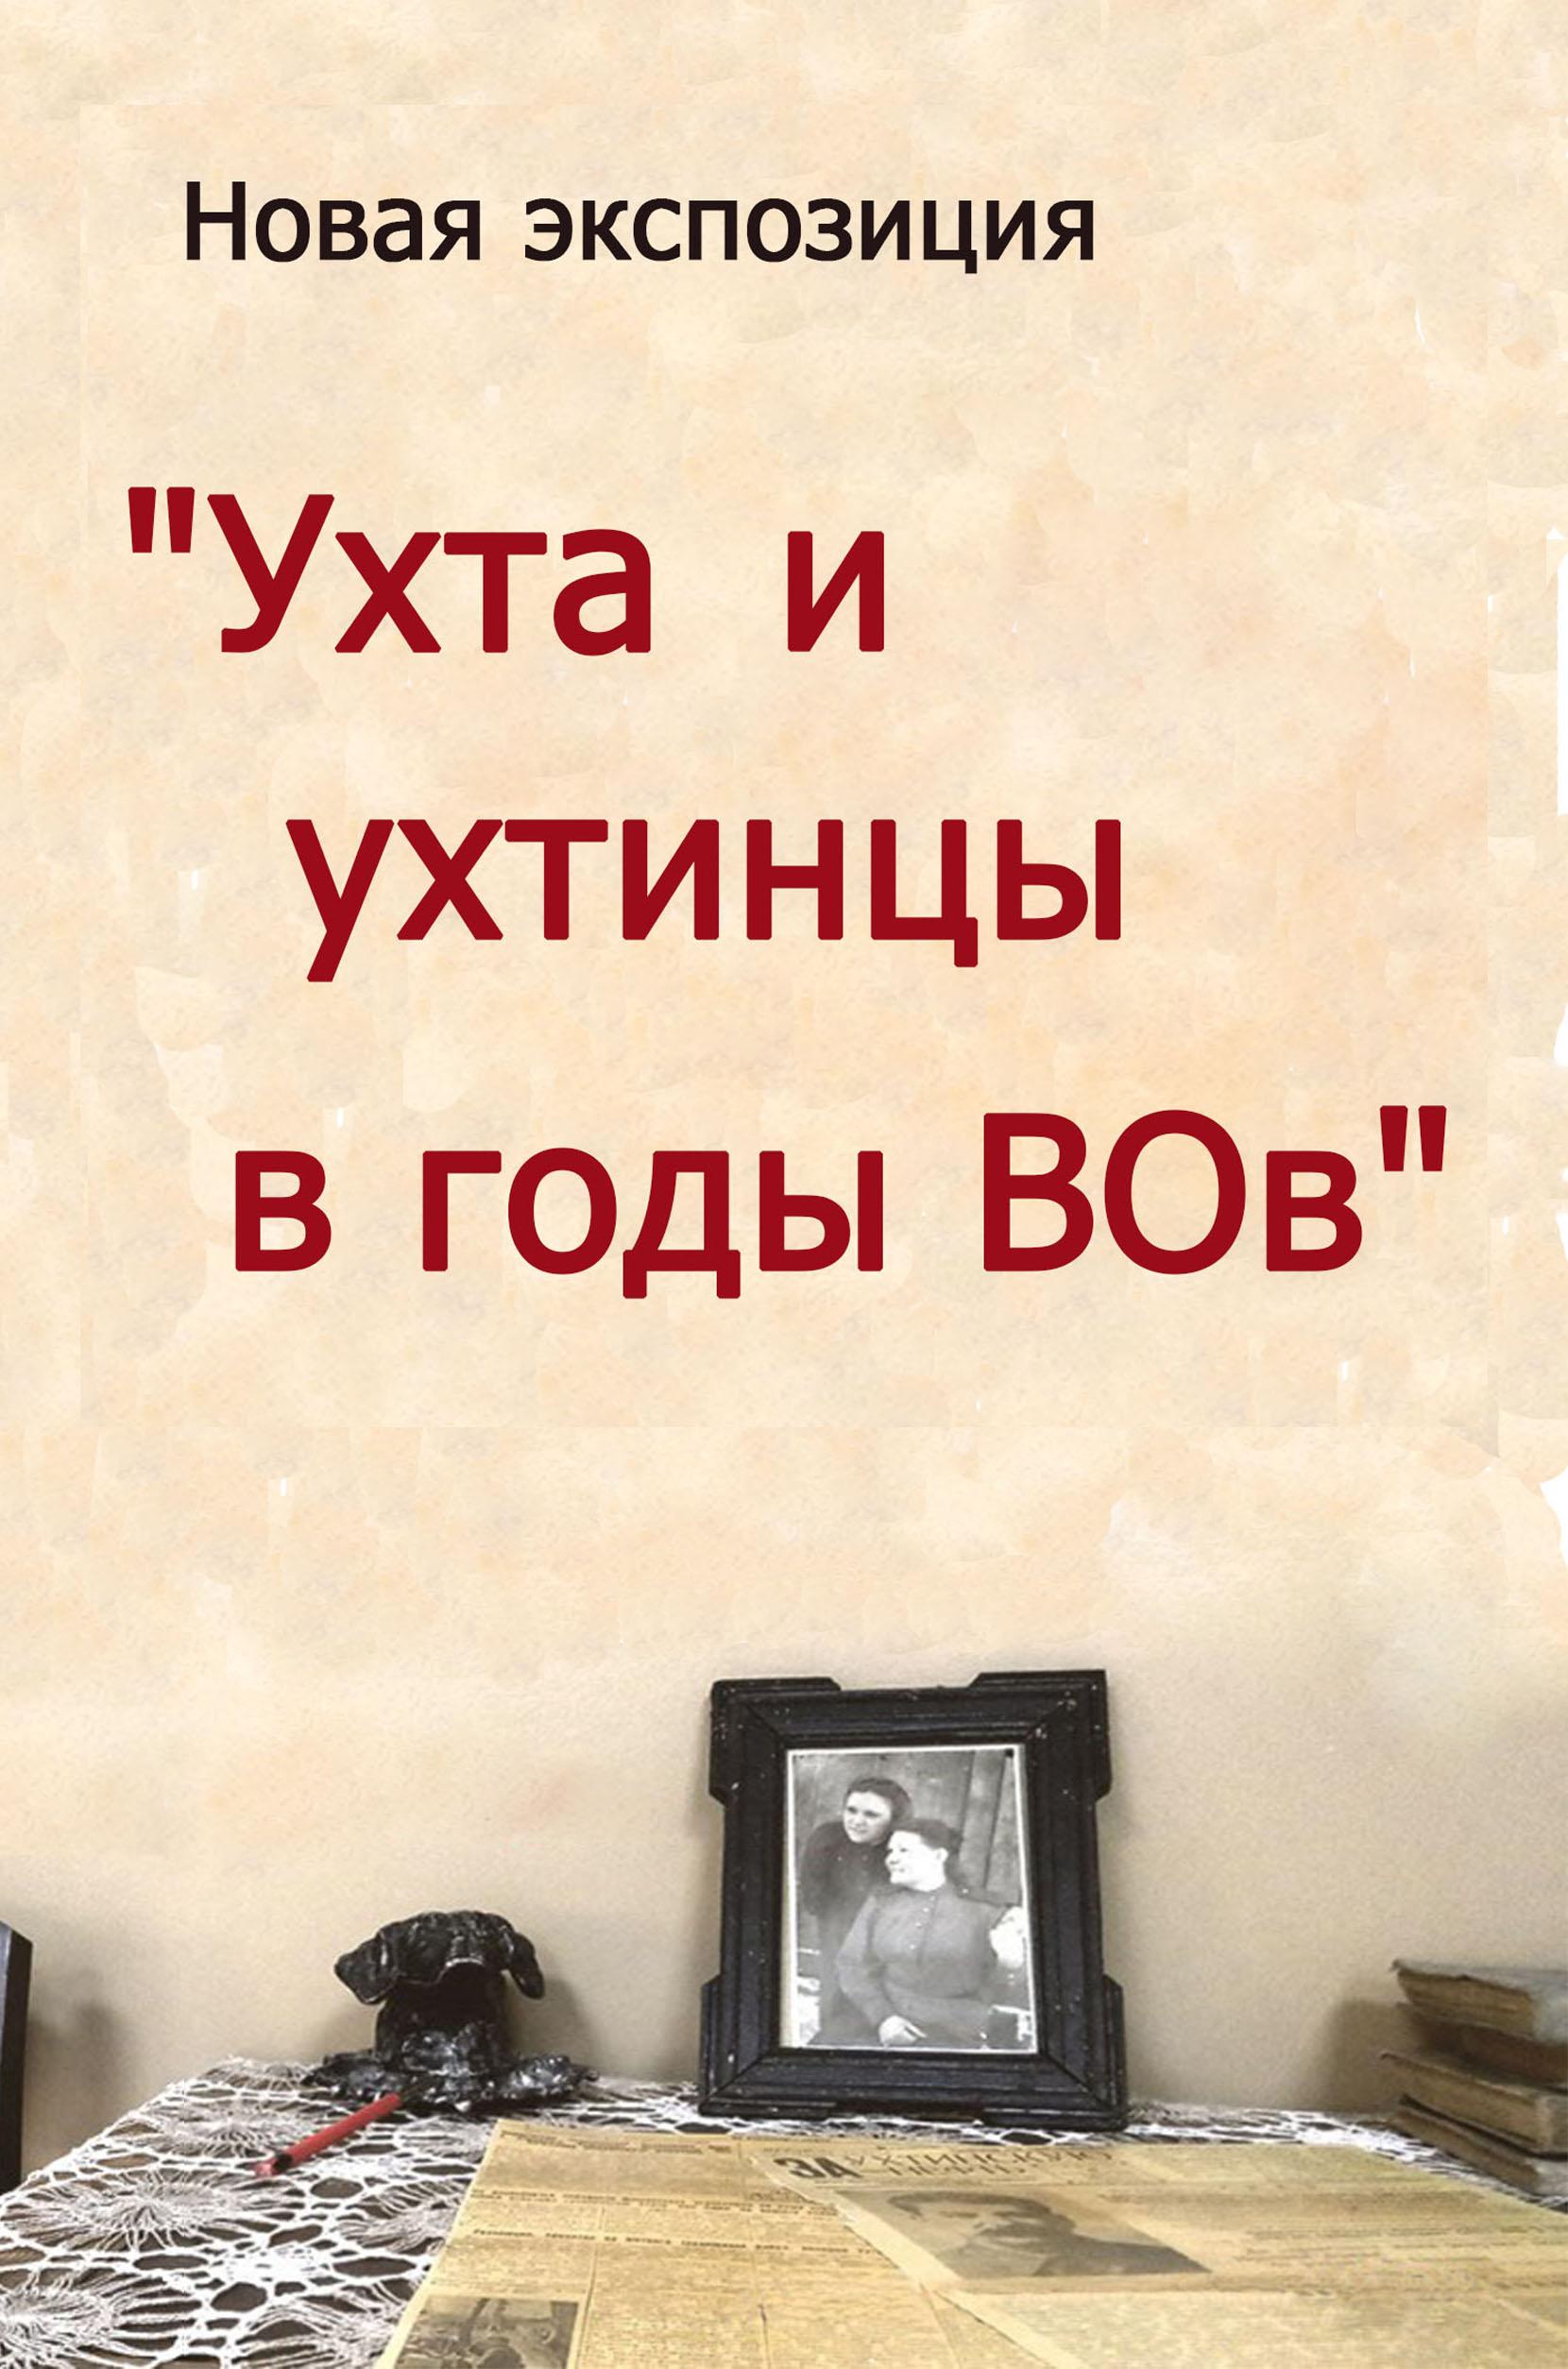 Ухта-и-ухтинцы-в-годы-ВОв-